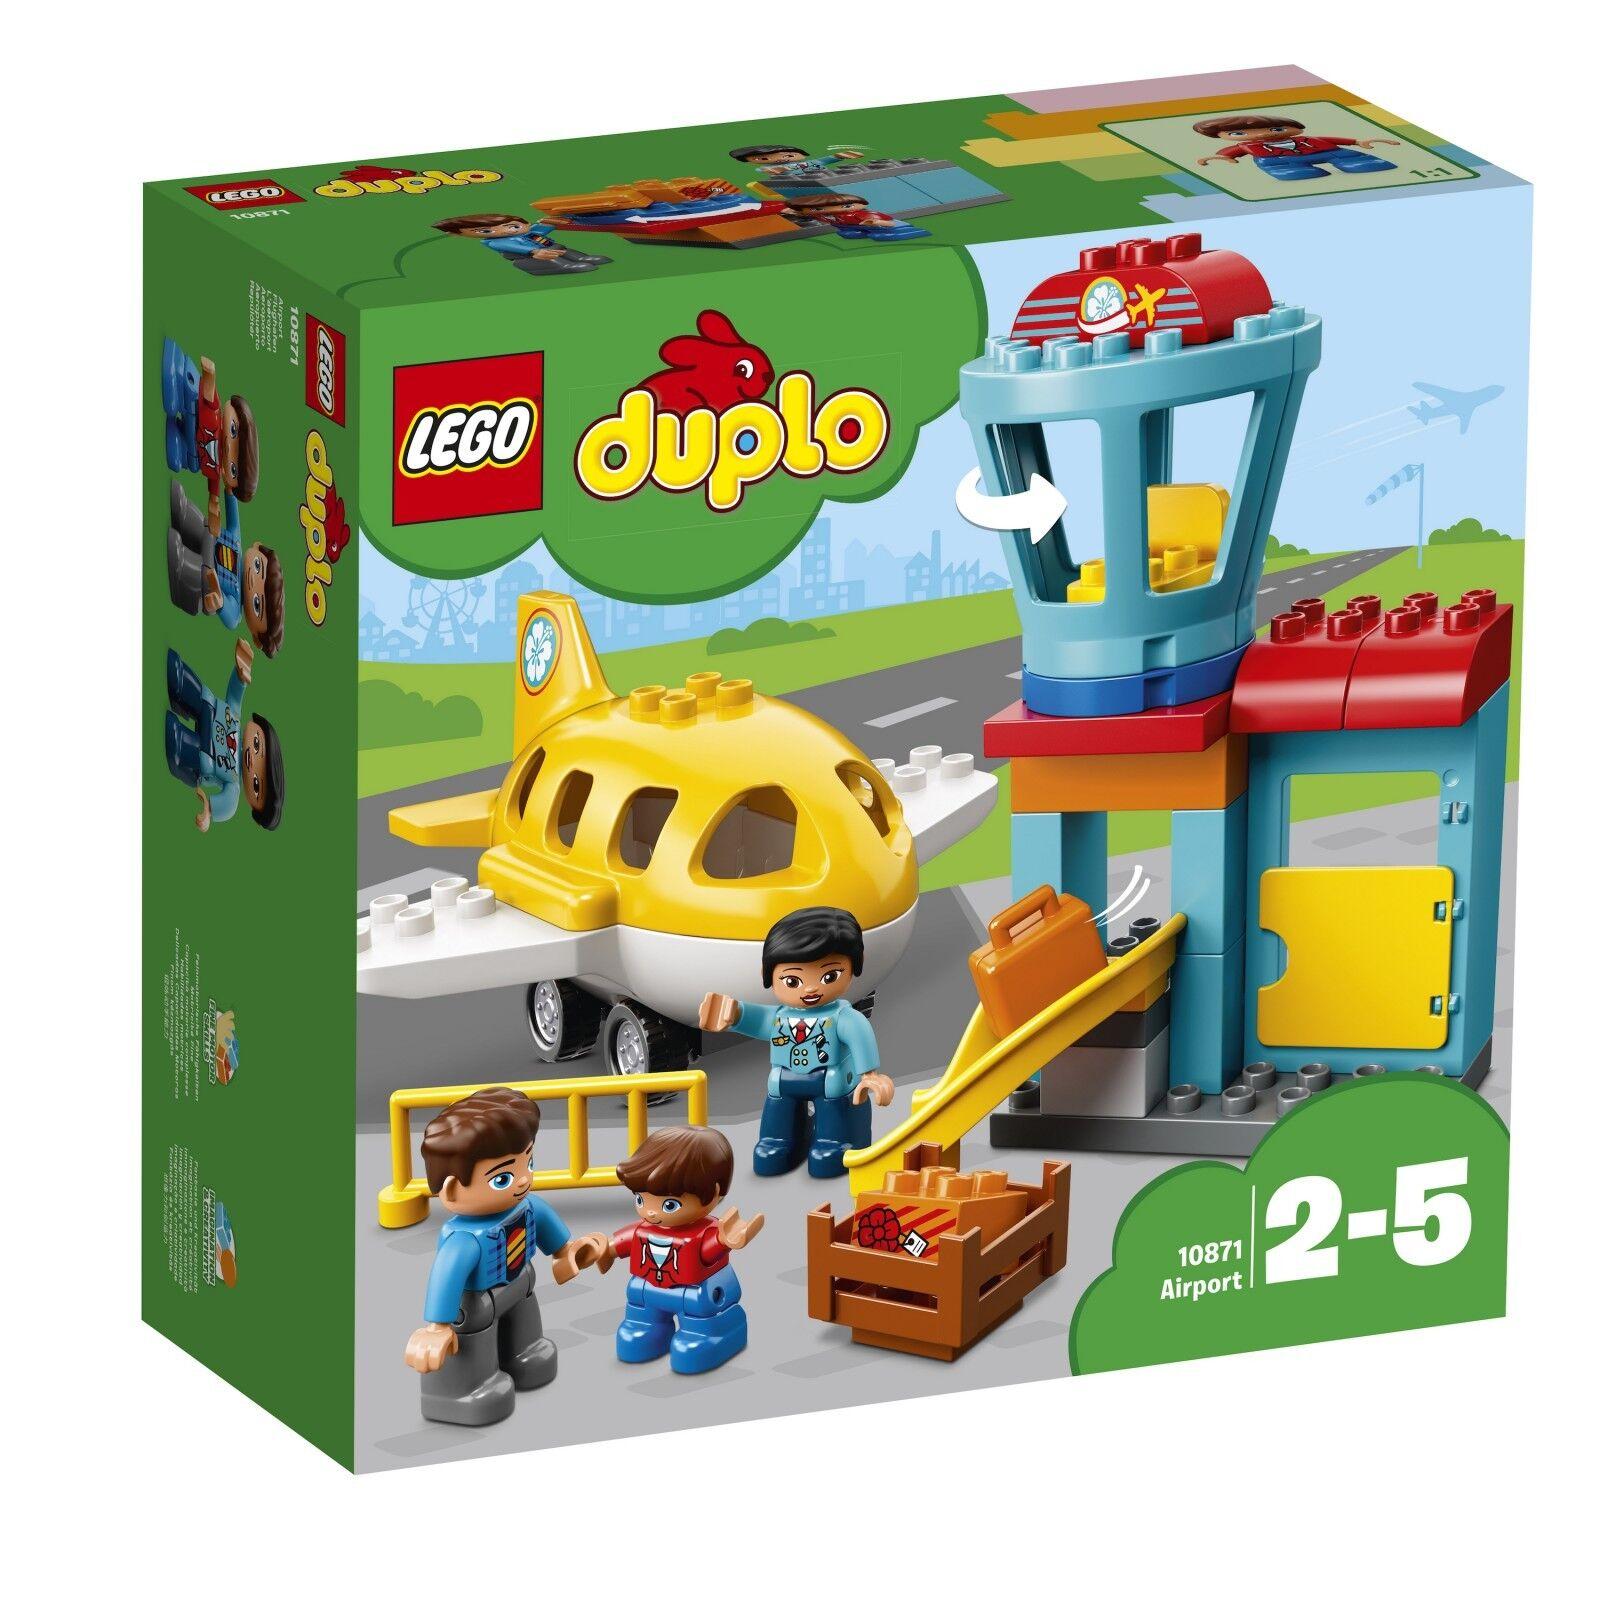 LEGO ® DUPLO ® 10871 aéroport Nouveau neuf dans sa boîte _ Airport NEW En parfait état, dans sa boîte scellée Boîte d'origine jamais ouverte